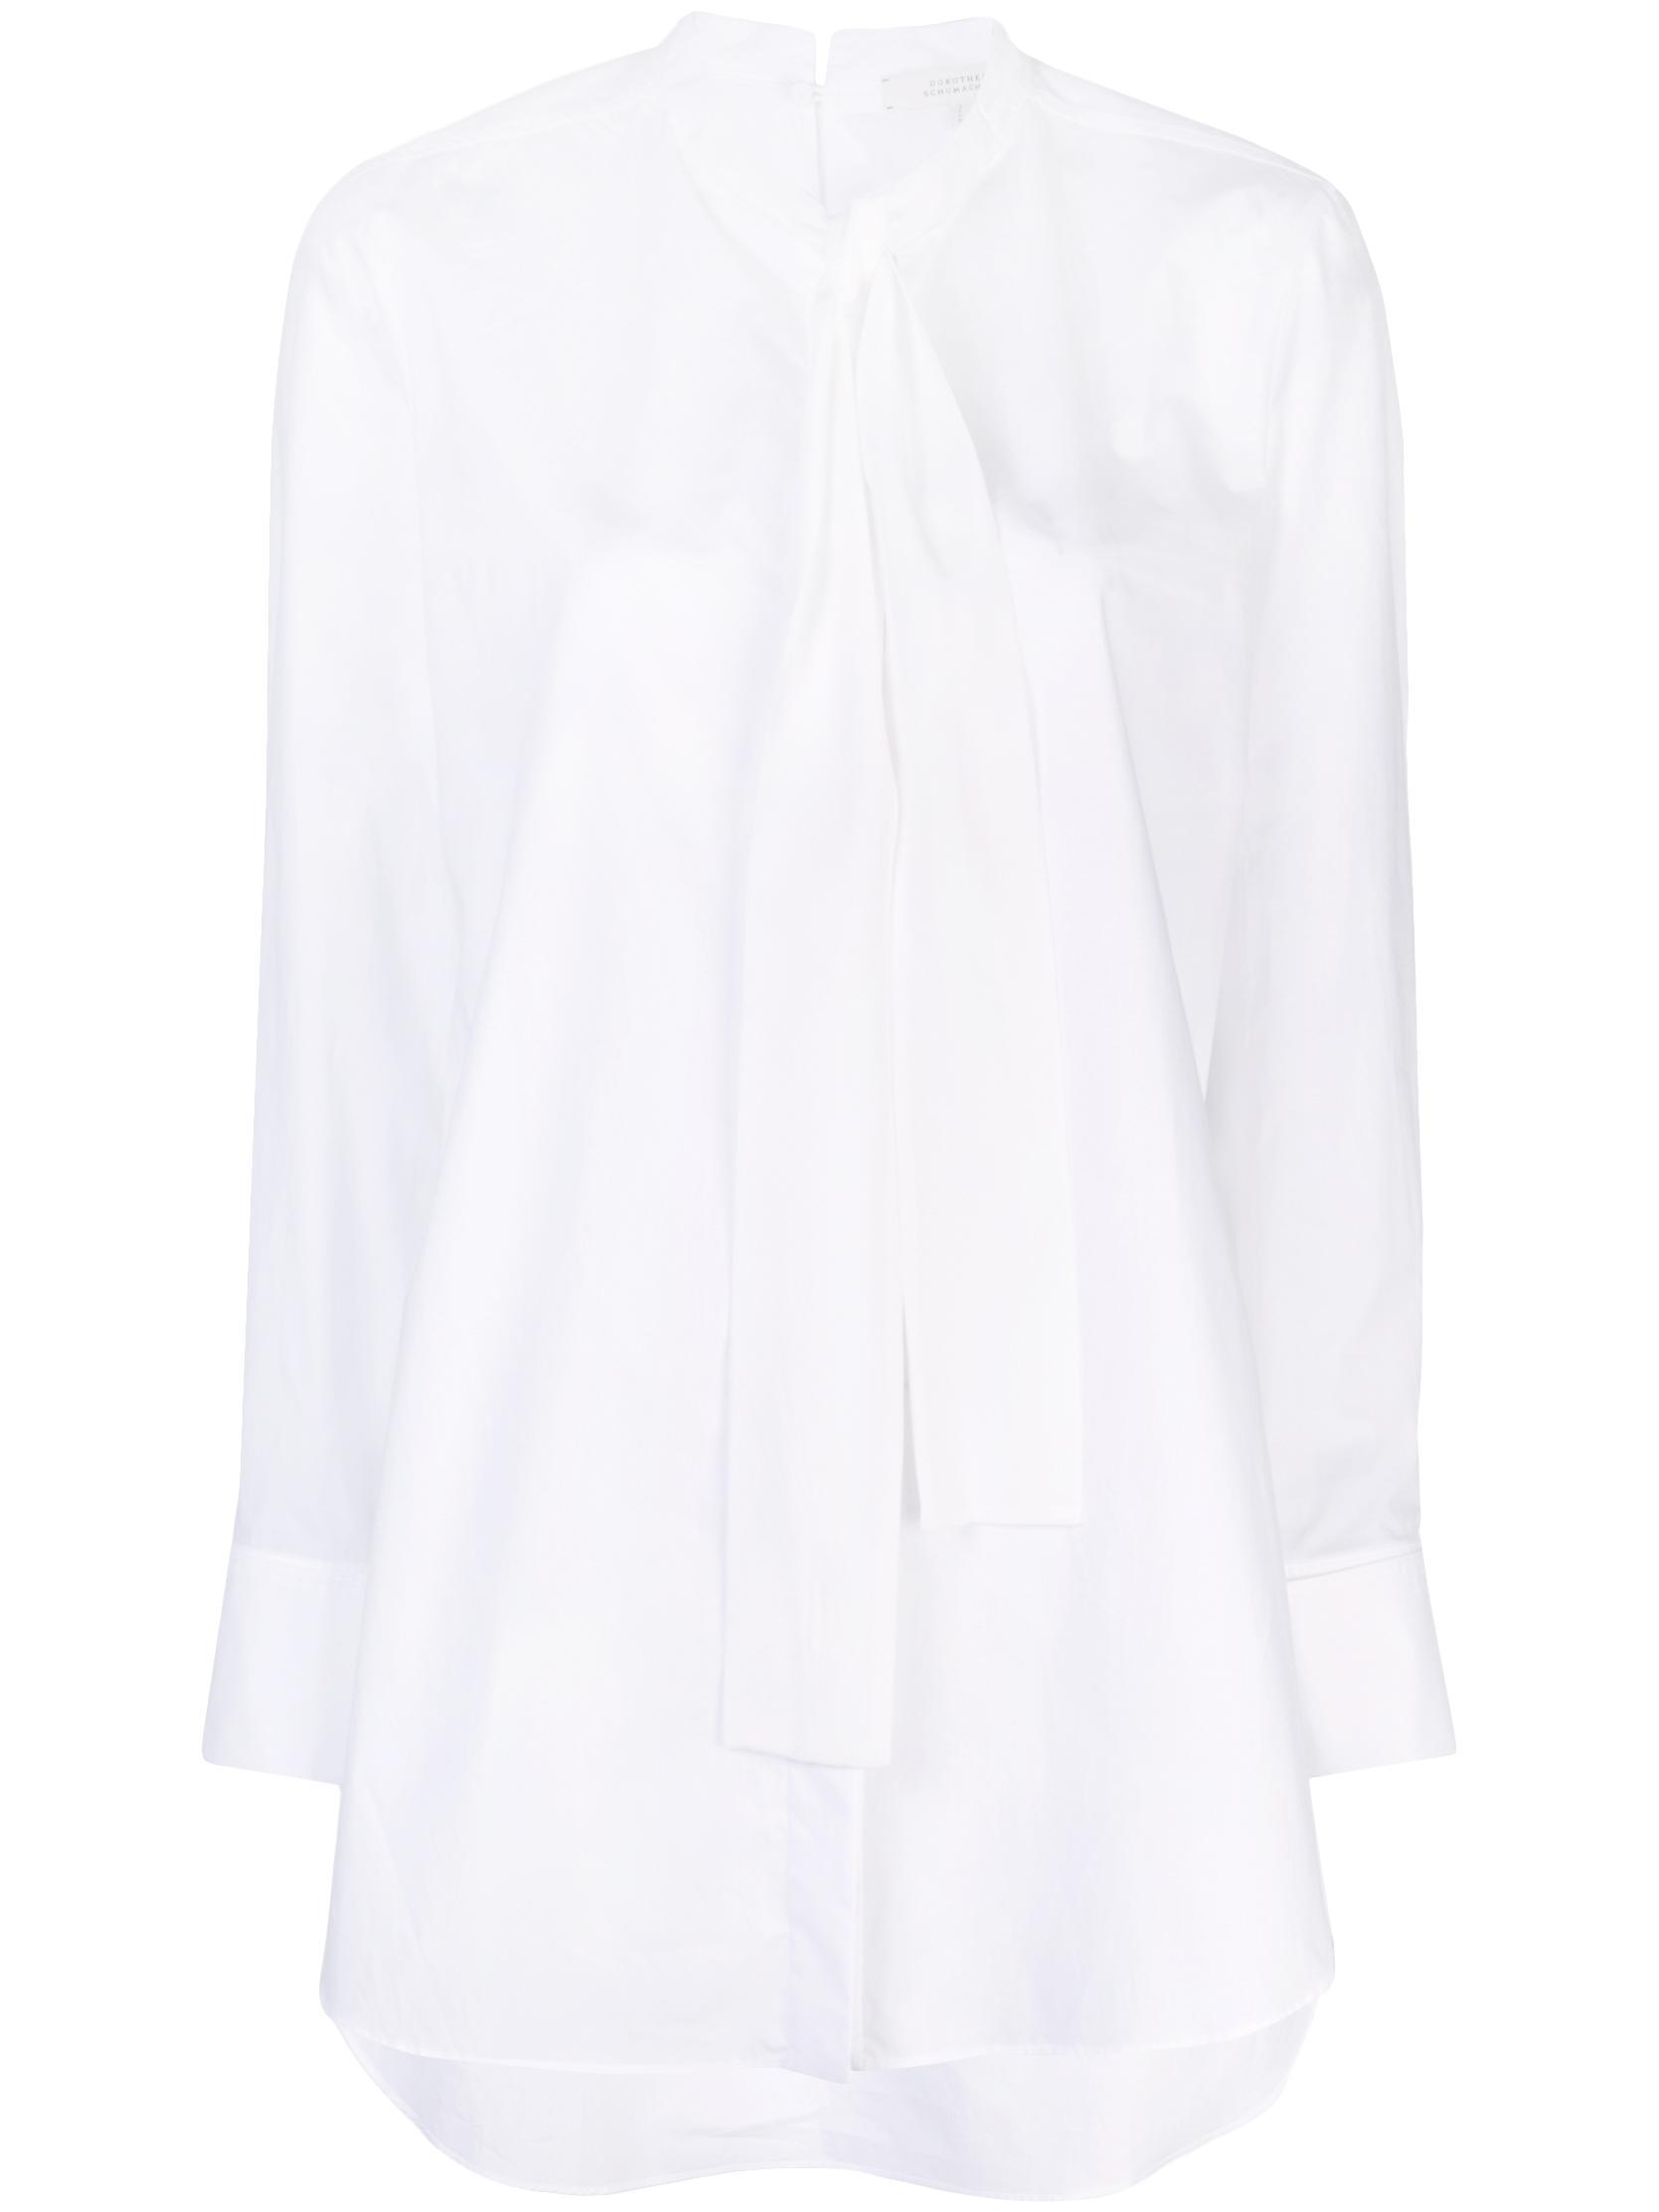 Cotton Elegance Blouse